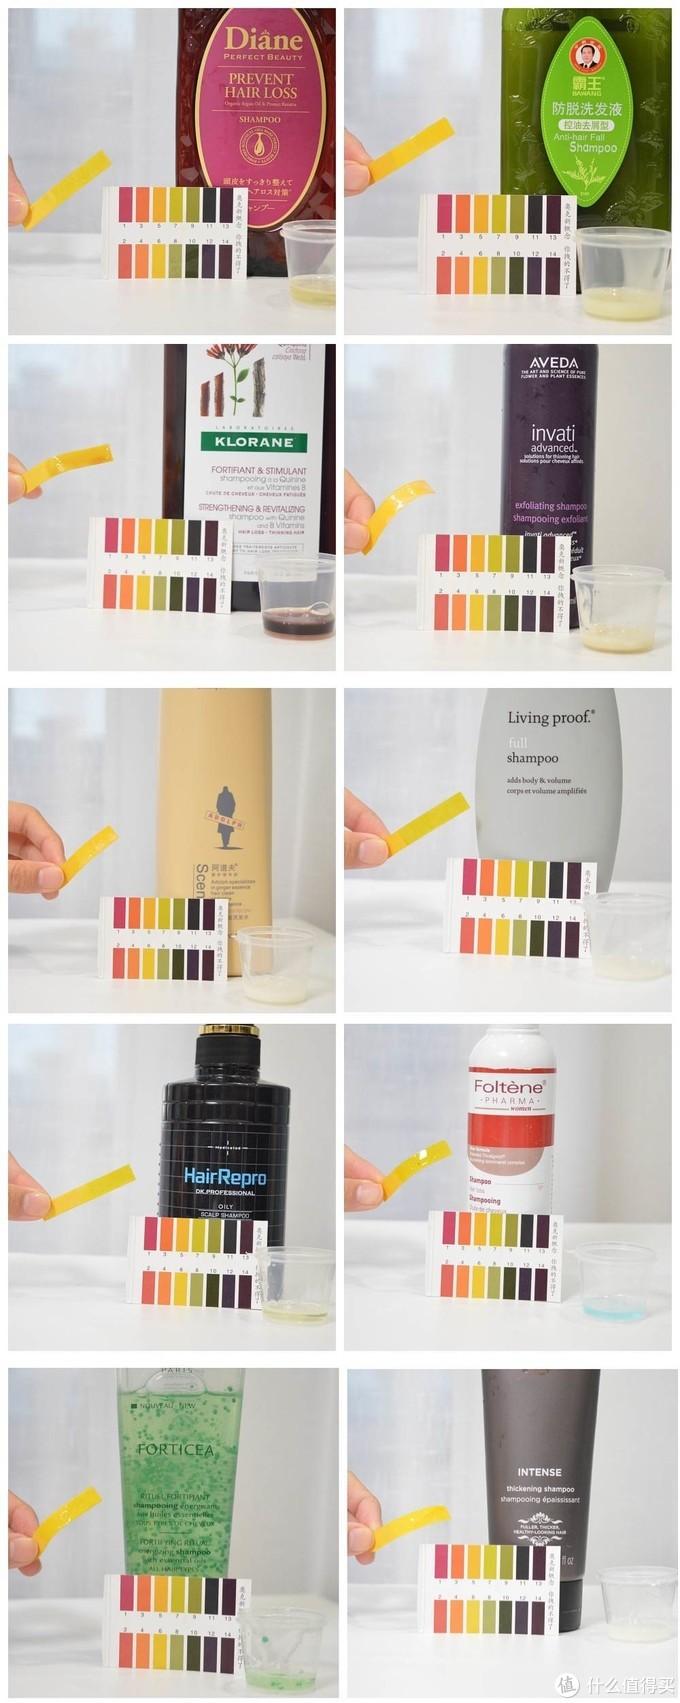 帮你拯救发际线丨10款热门防脱洗发水横评(内含敏感肌选购推荐)